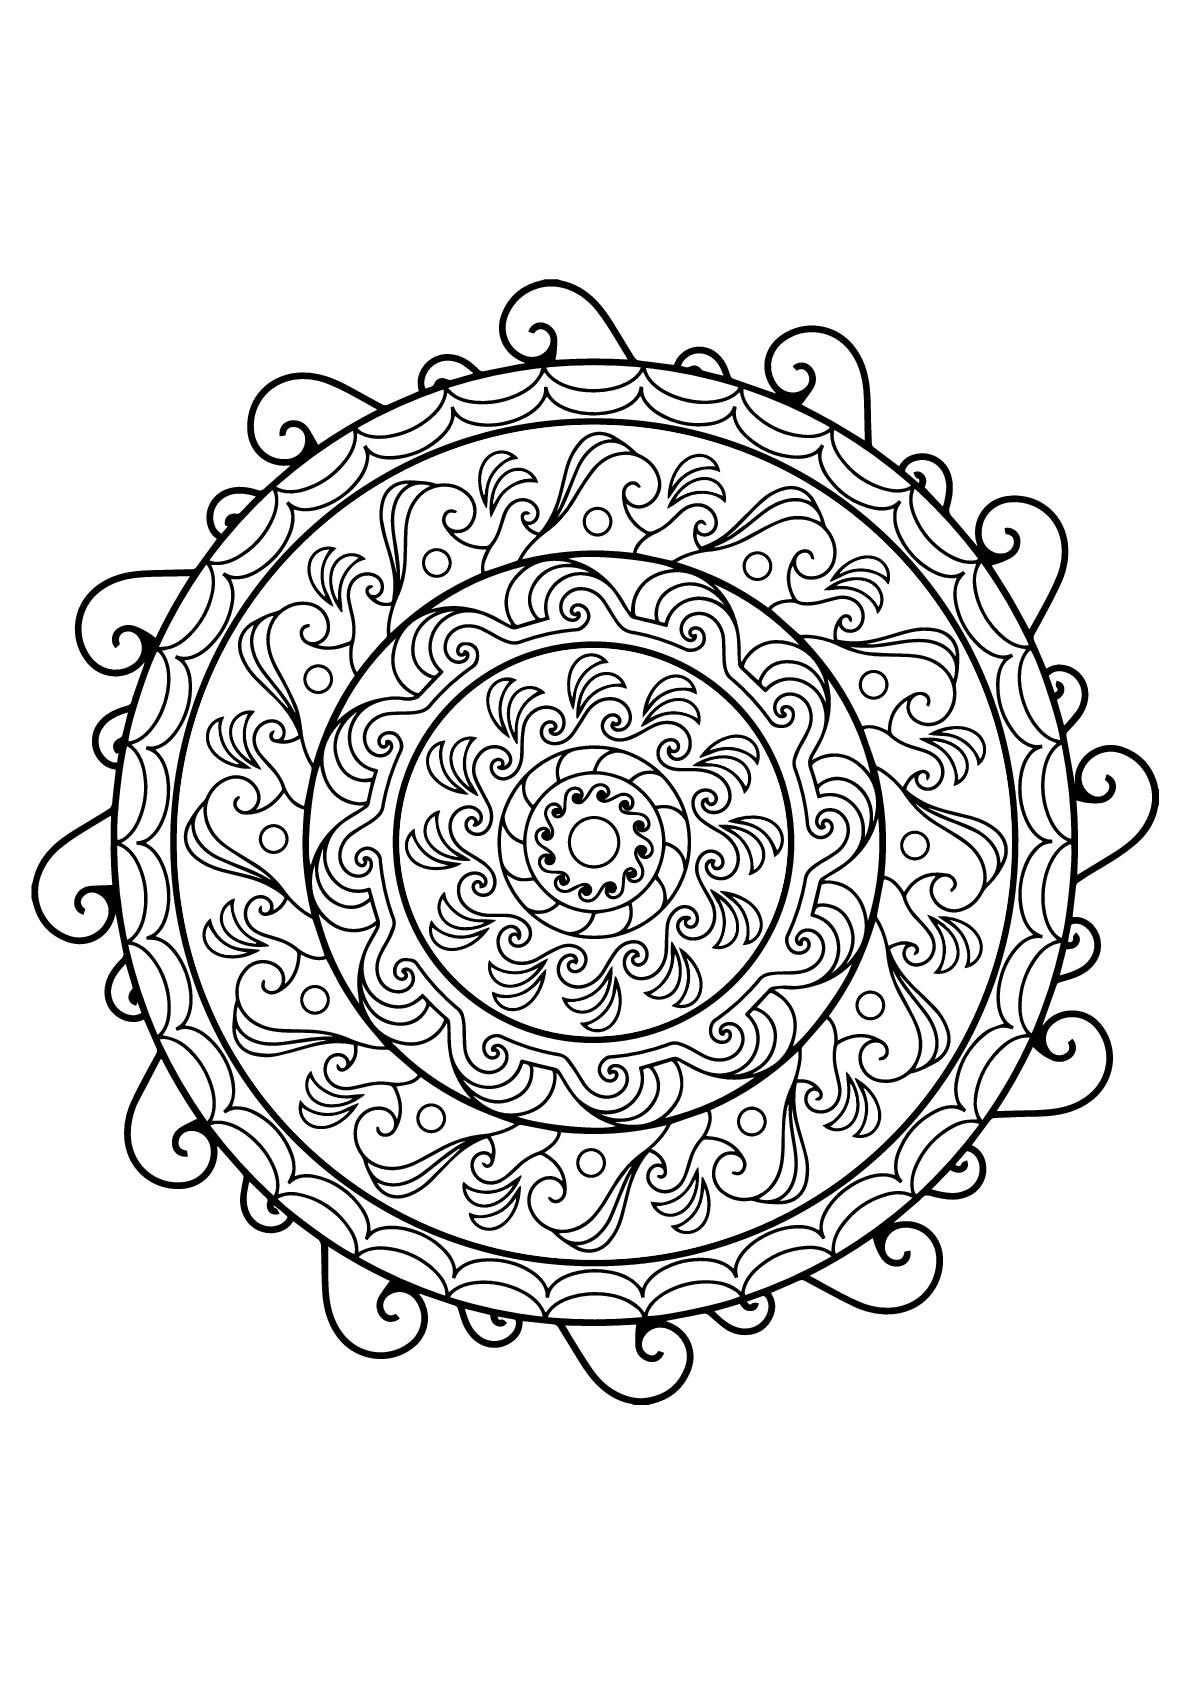 Disegni da colorare per adulti : Mandalas - 21